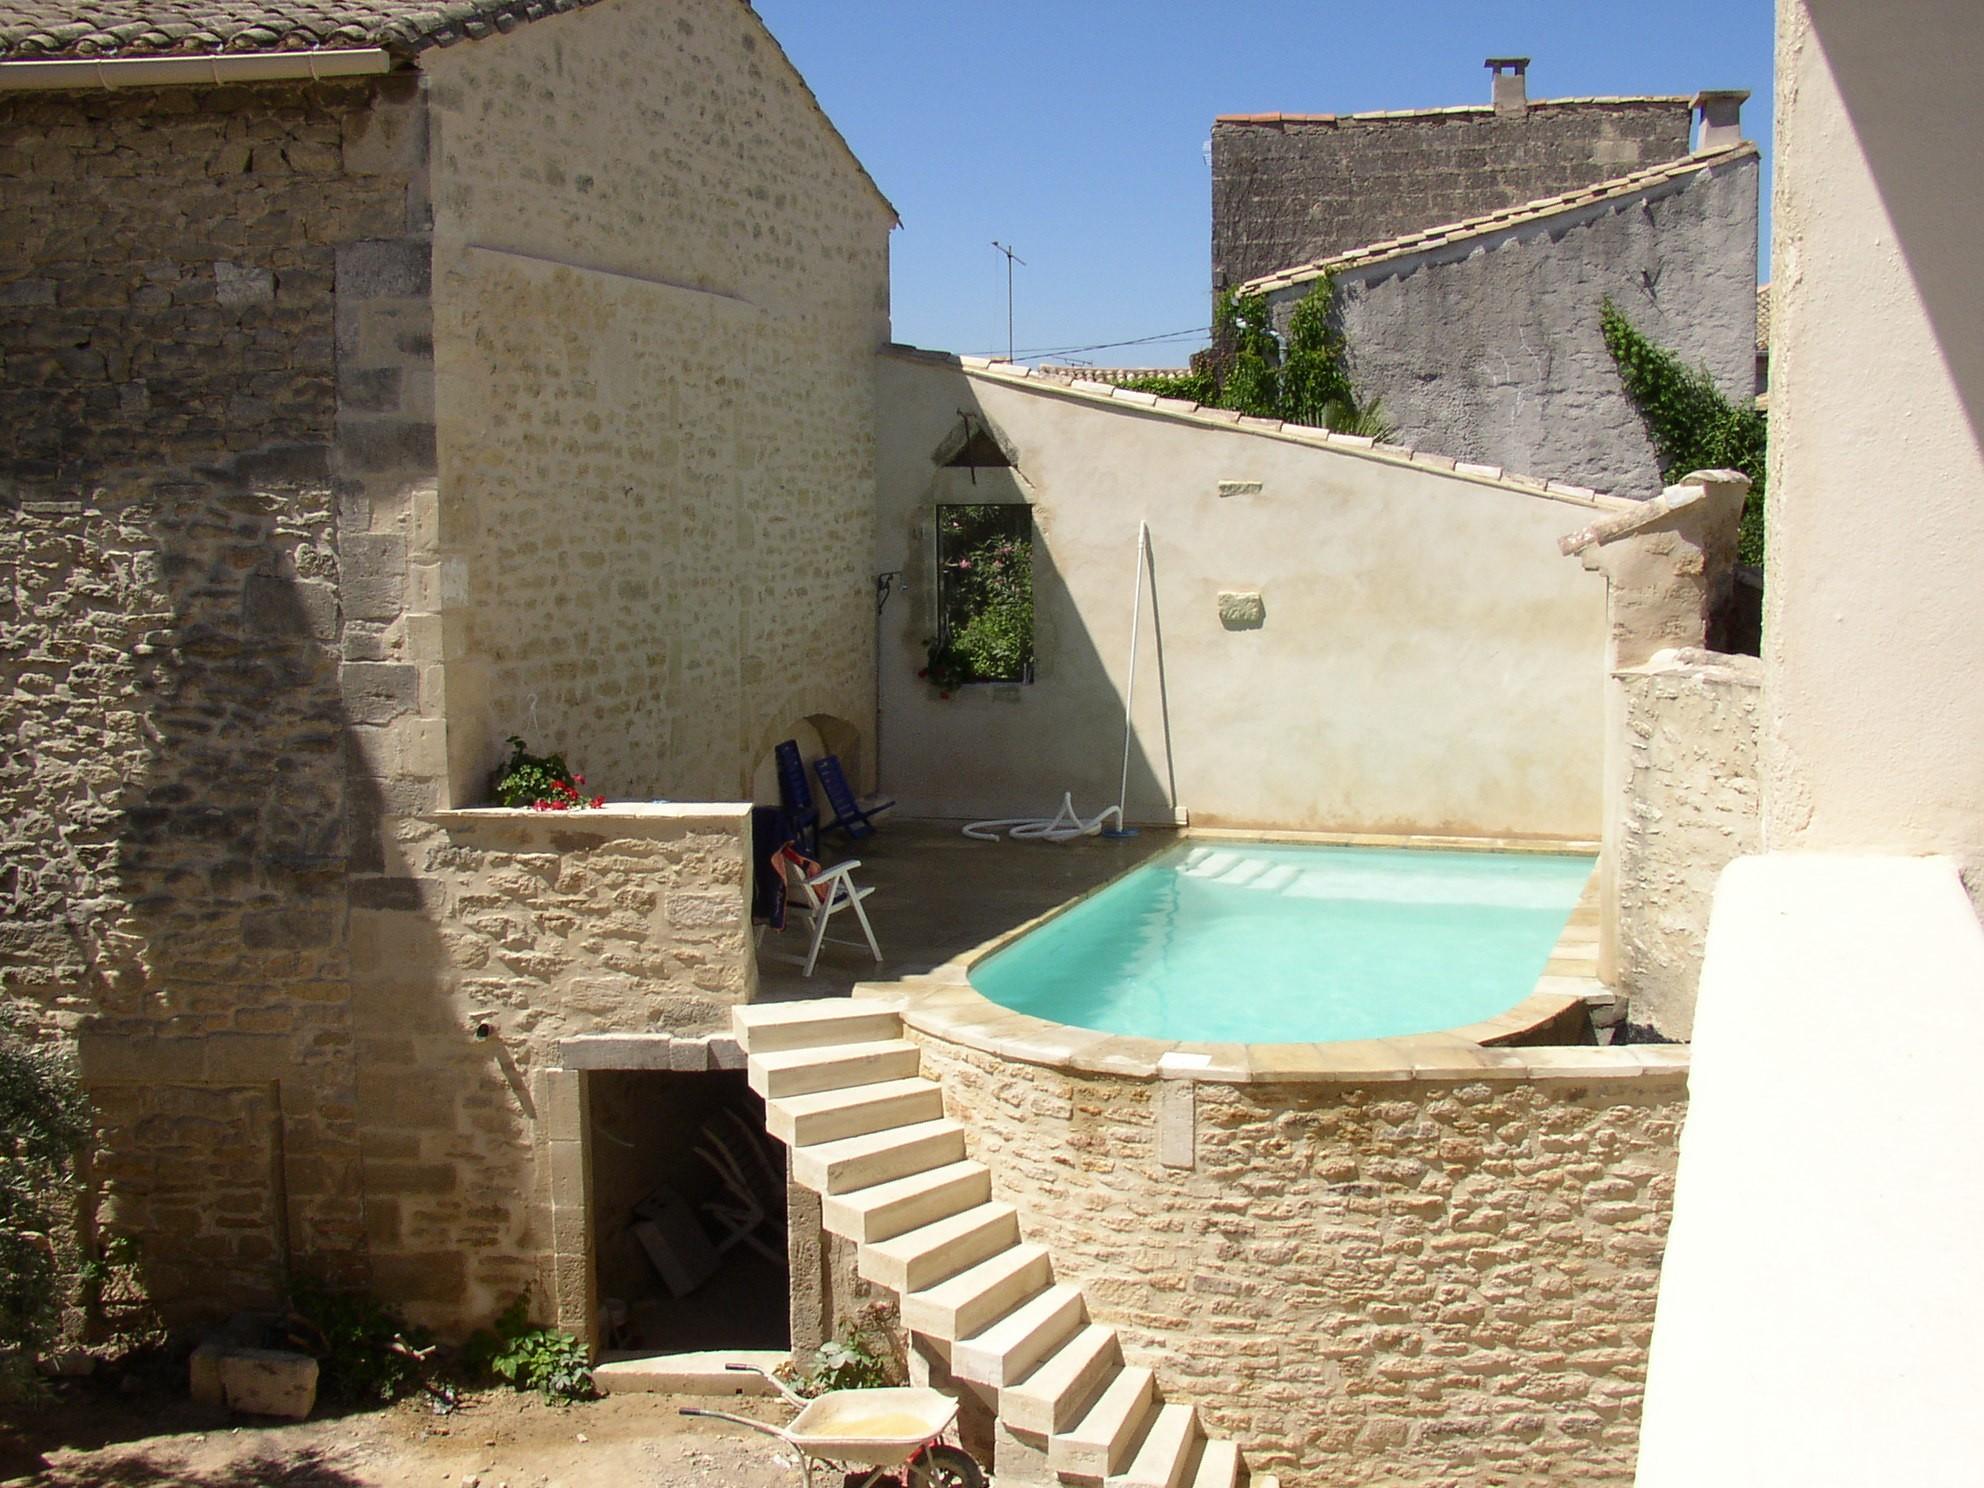 Desportes rénovation, Gard. Piscine dans une maison de village.